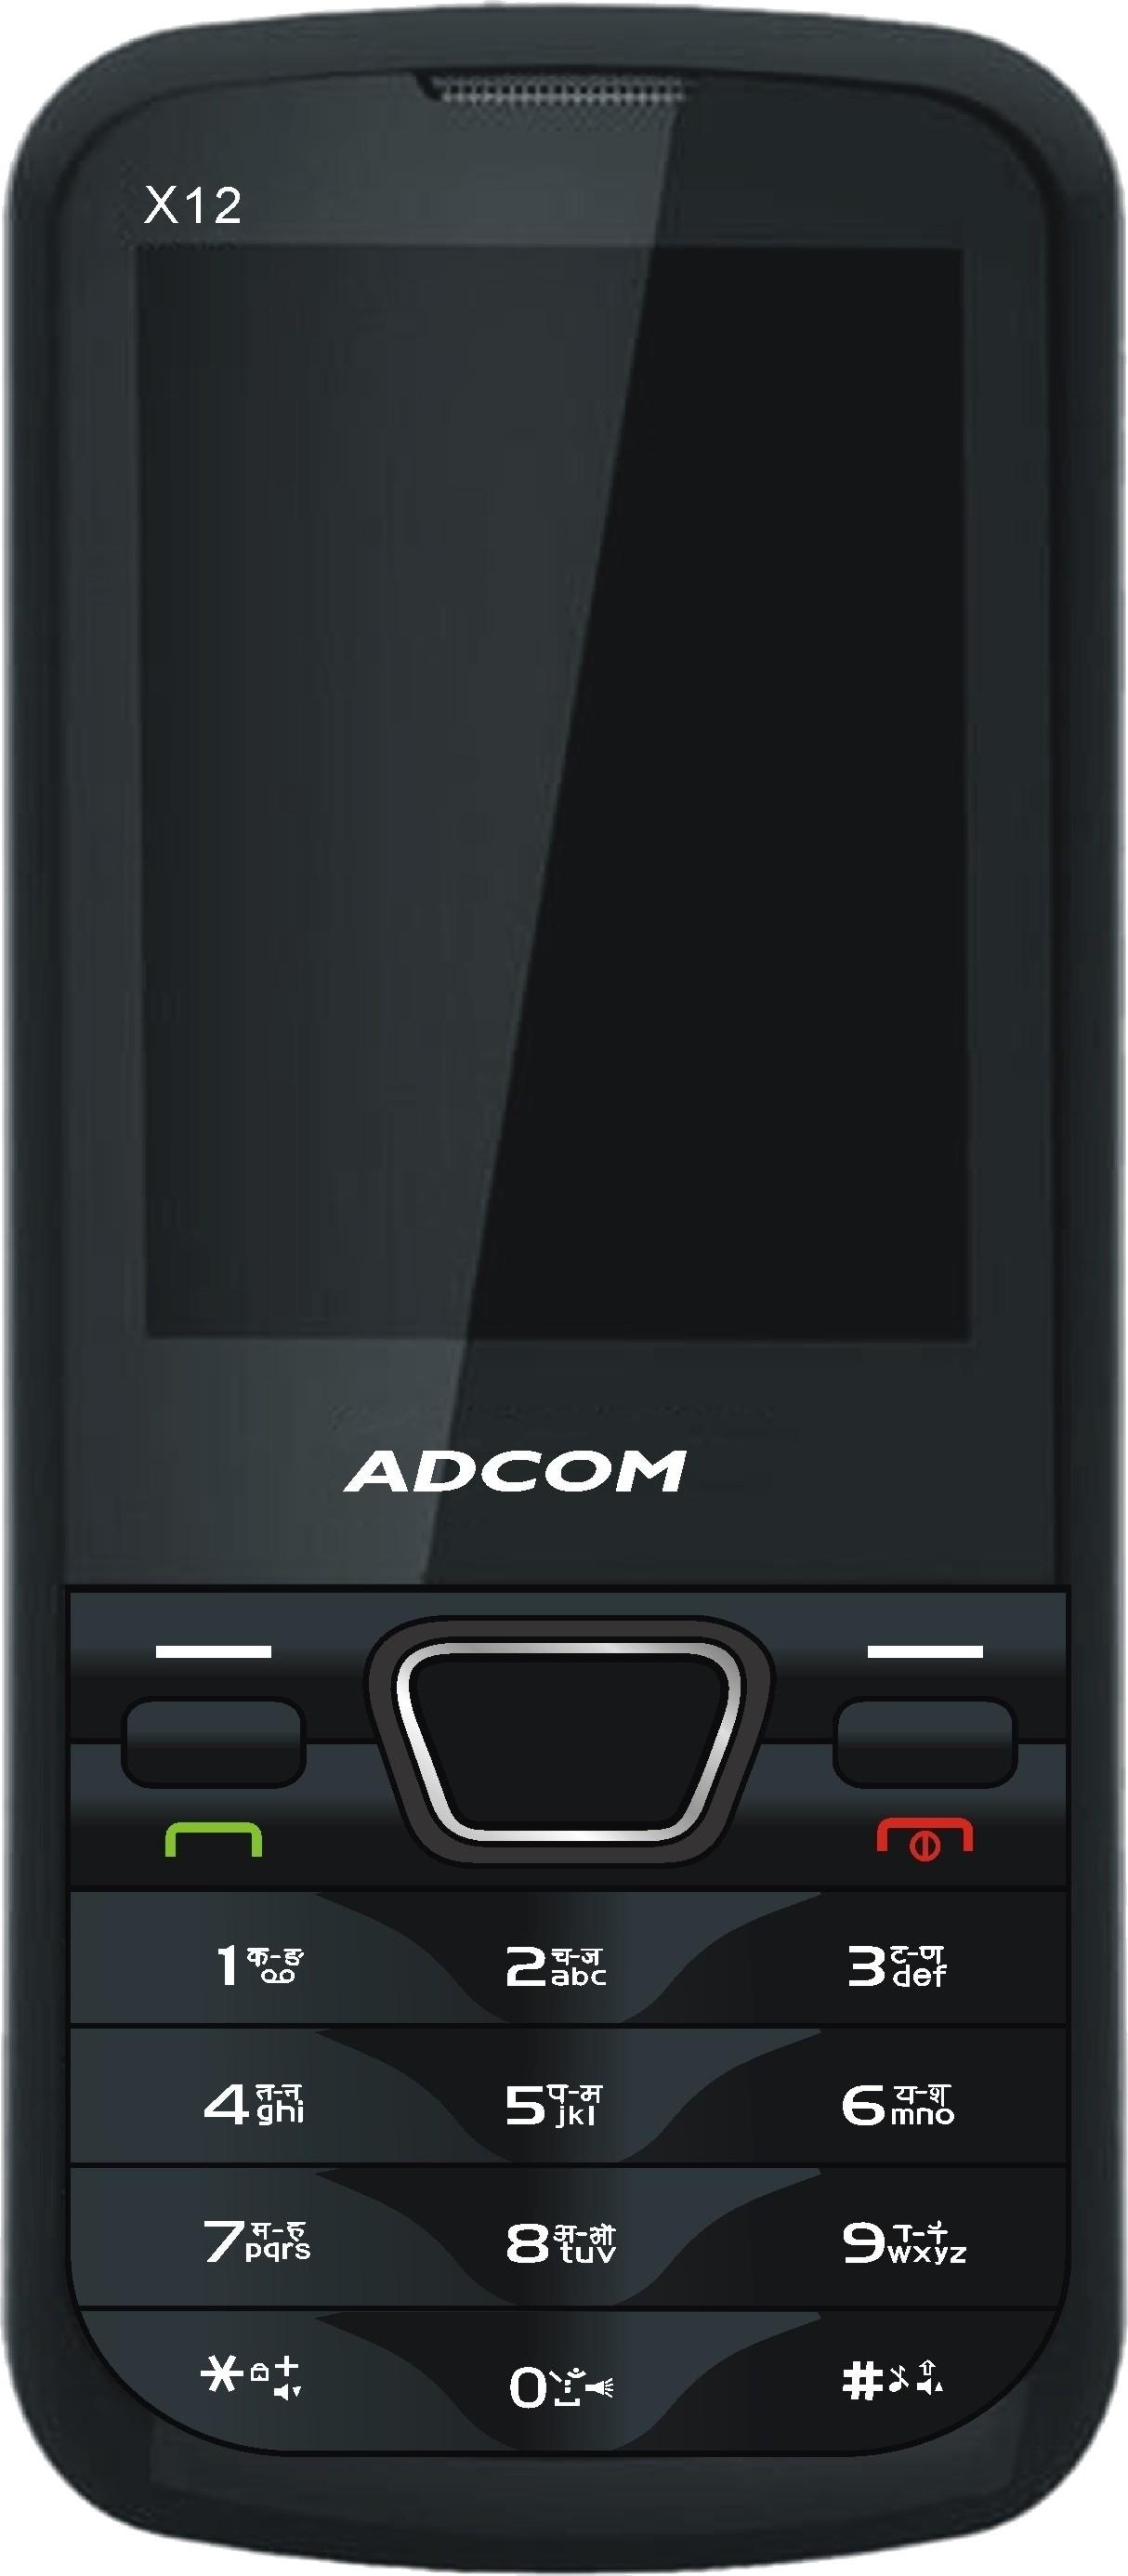 Adcom X12 Black